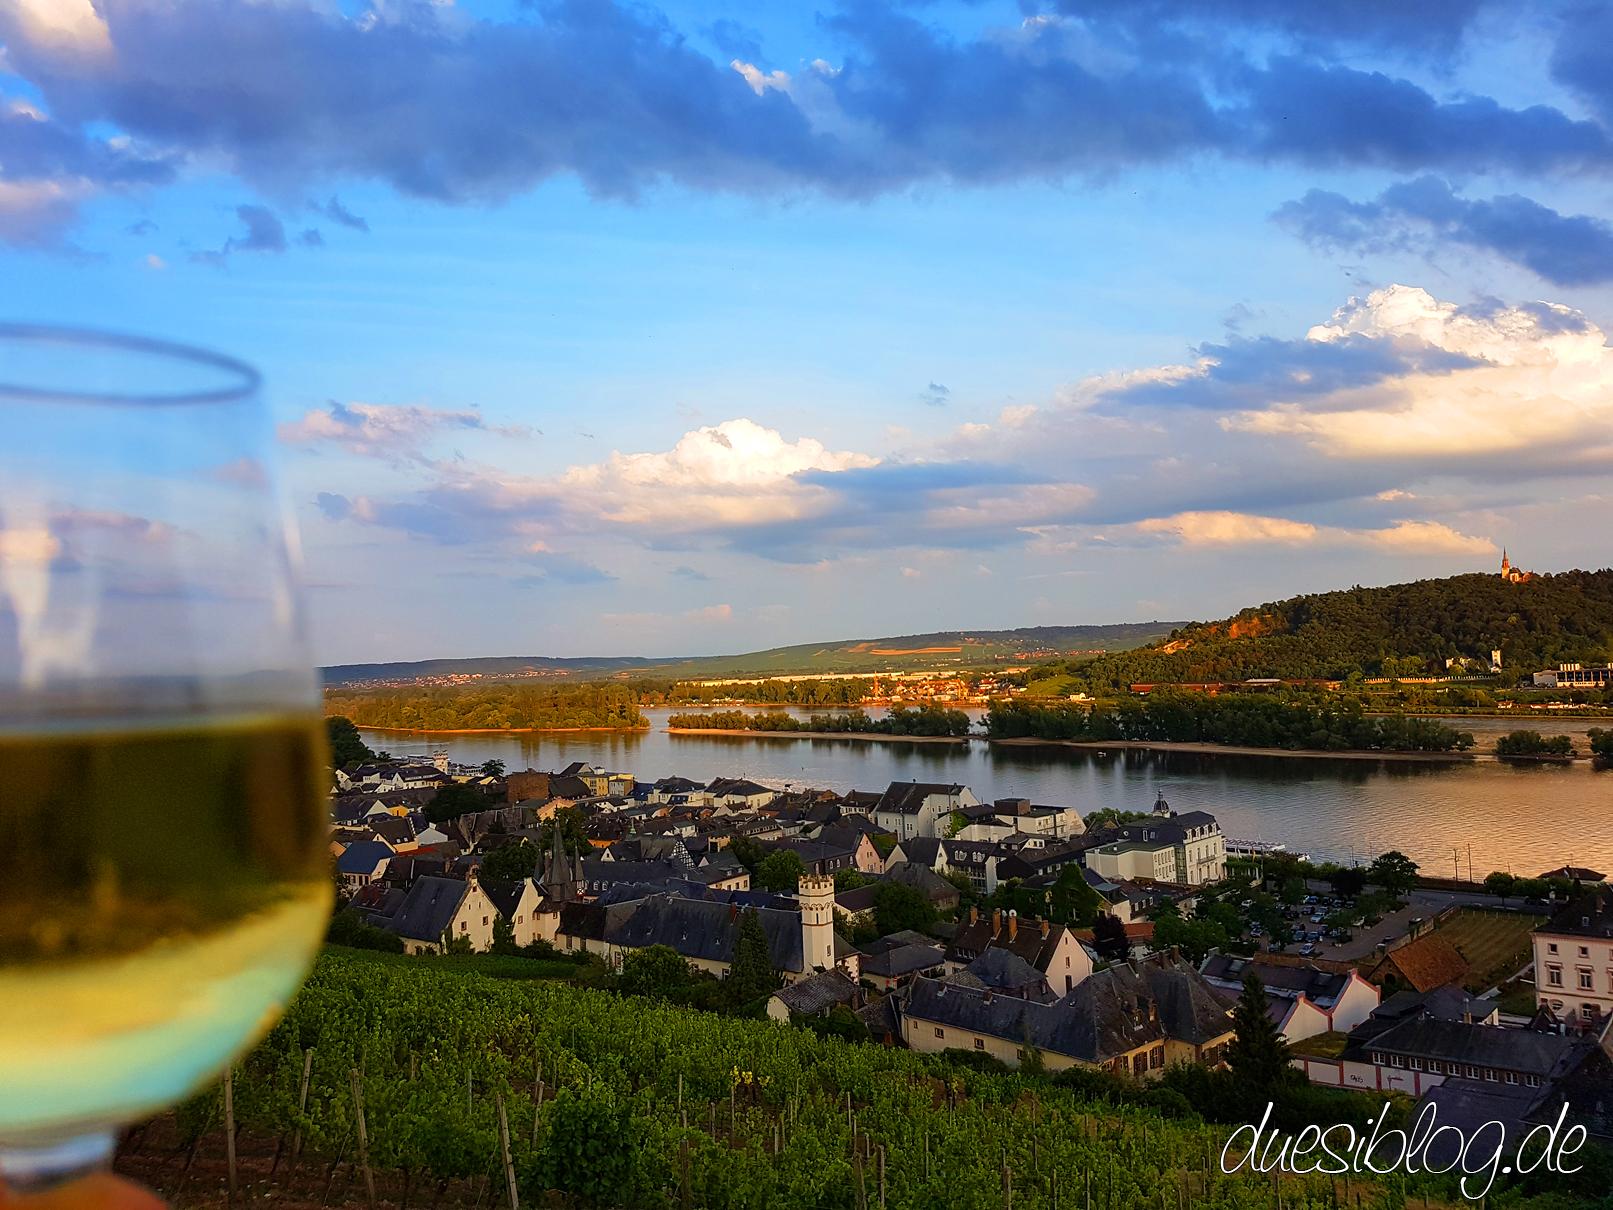 Rüdesheim, Eltville, Kloster Eberbach St. Hildegard & Rheingau